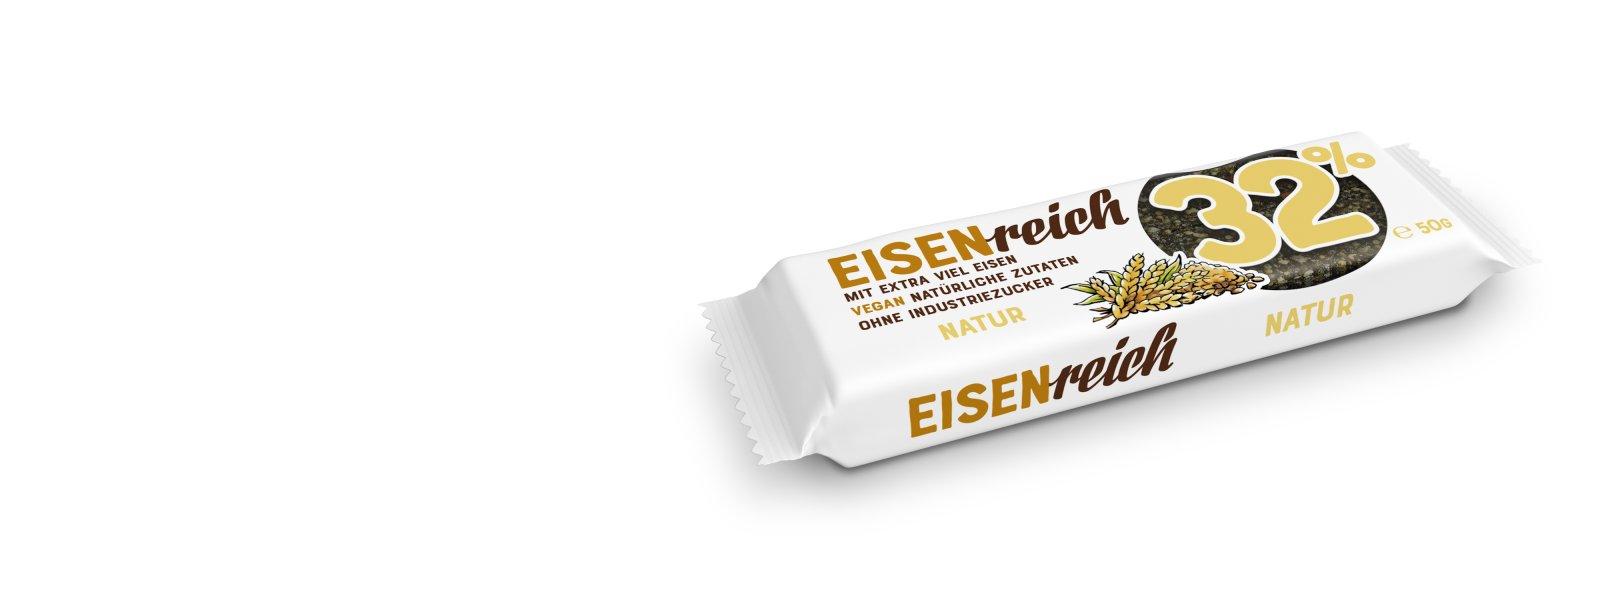 Natur-Müsliriegel aus eisenhaltigen Lebensmitteln zur Vorbeugung von Eisenmangel